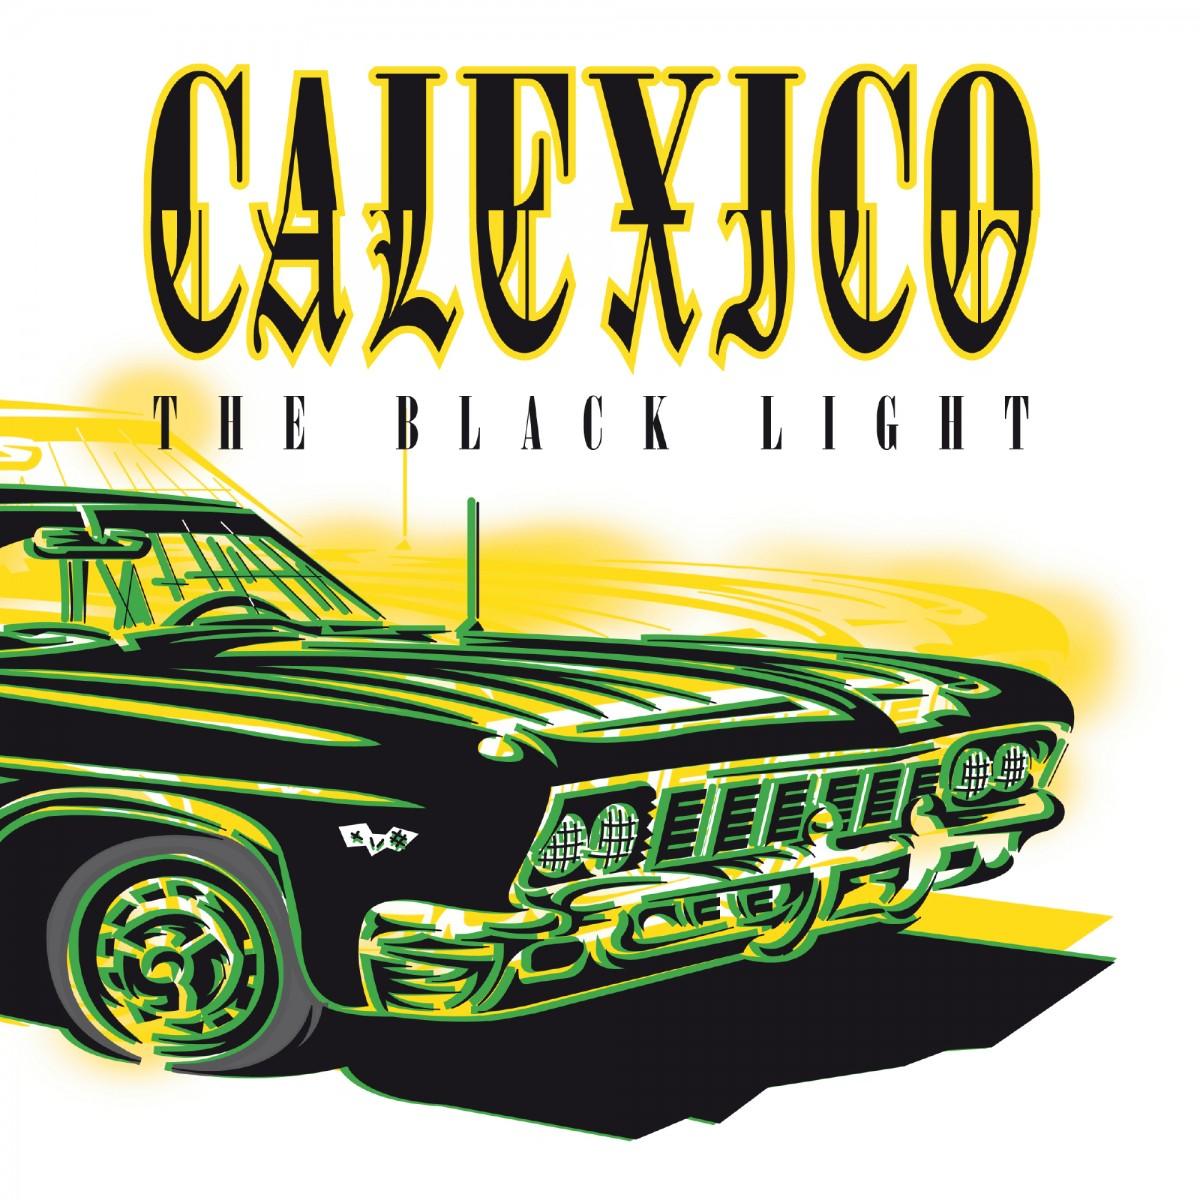 Calexico: The Black Light (1998)